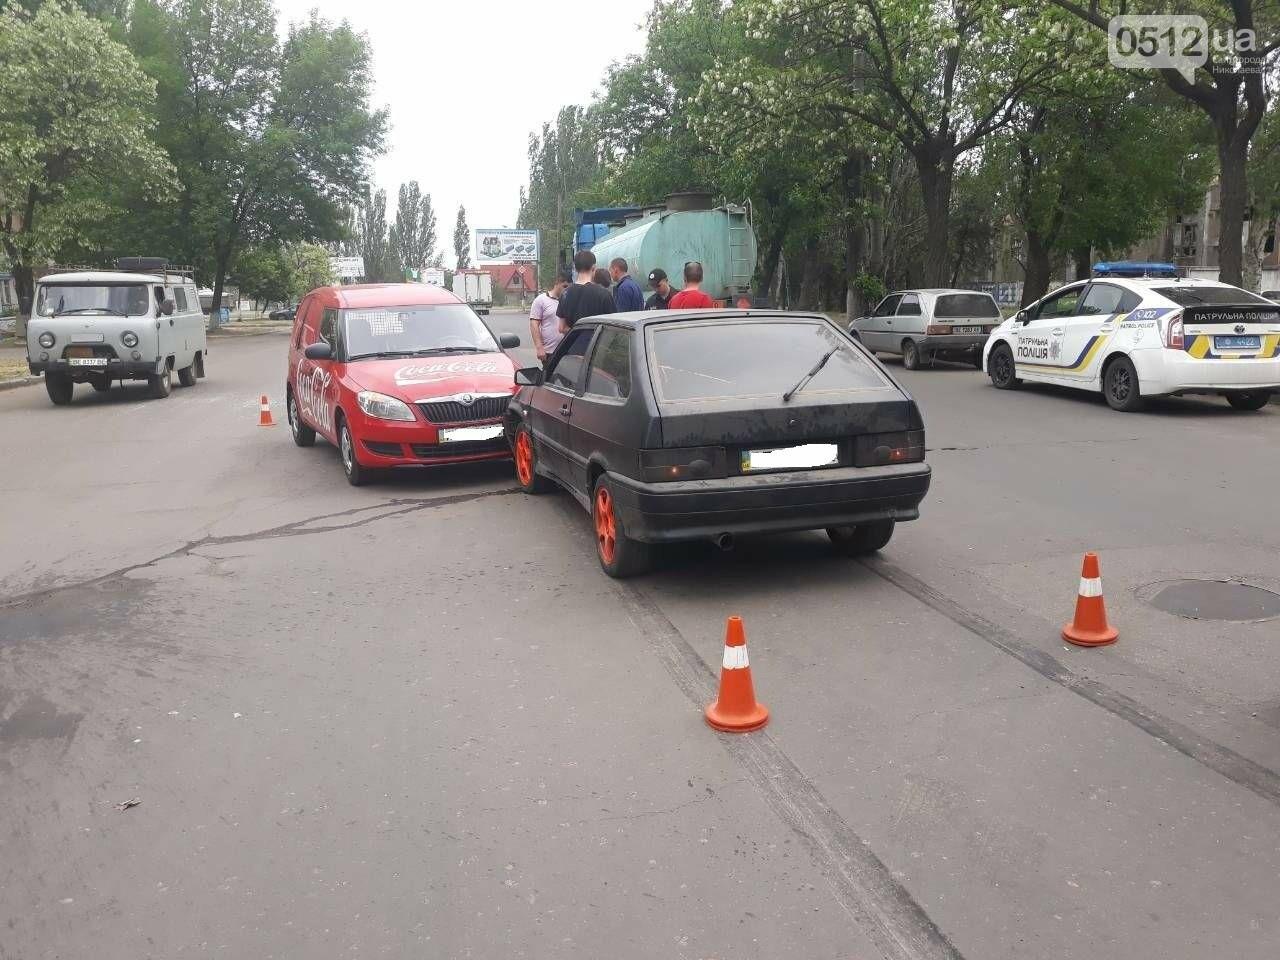 ДТП на выезде из Николаева: столкнулись автомобиль «Coca-cola» и ВАЗ, - ФОТО, фото-5